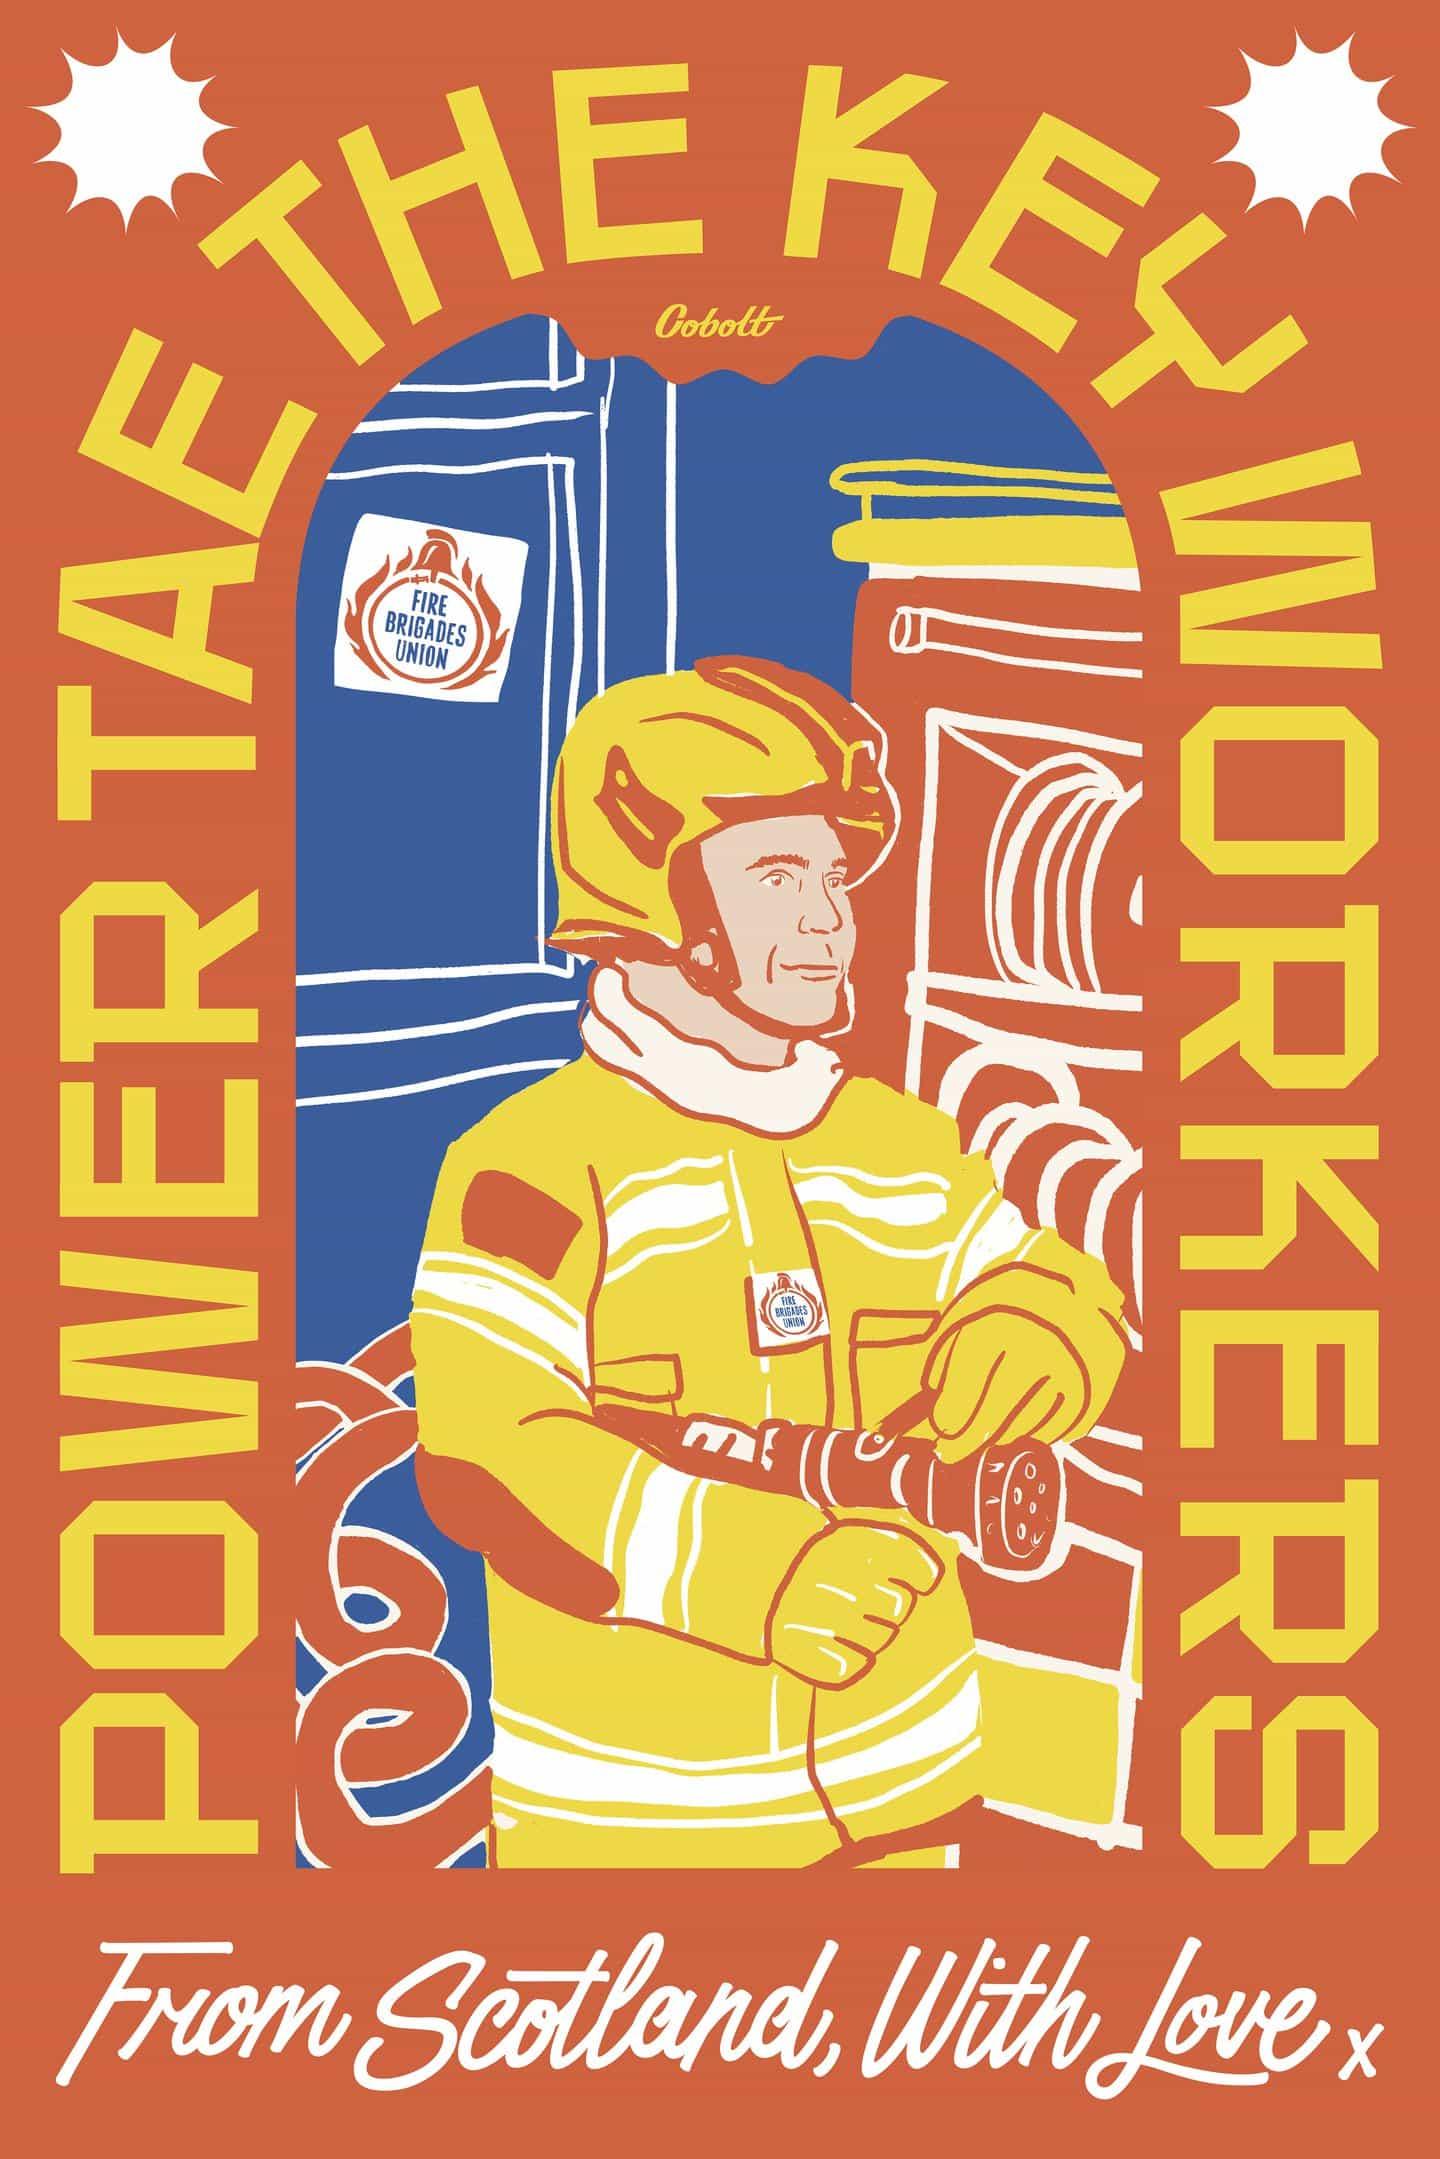 """""""Power TAE los trabajadores clave"""": Cobolt inyecta Collective las calles de Glasgow con la esperanza, el color y la positividad"""